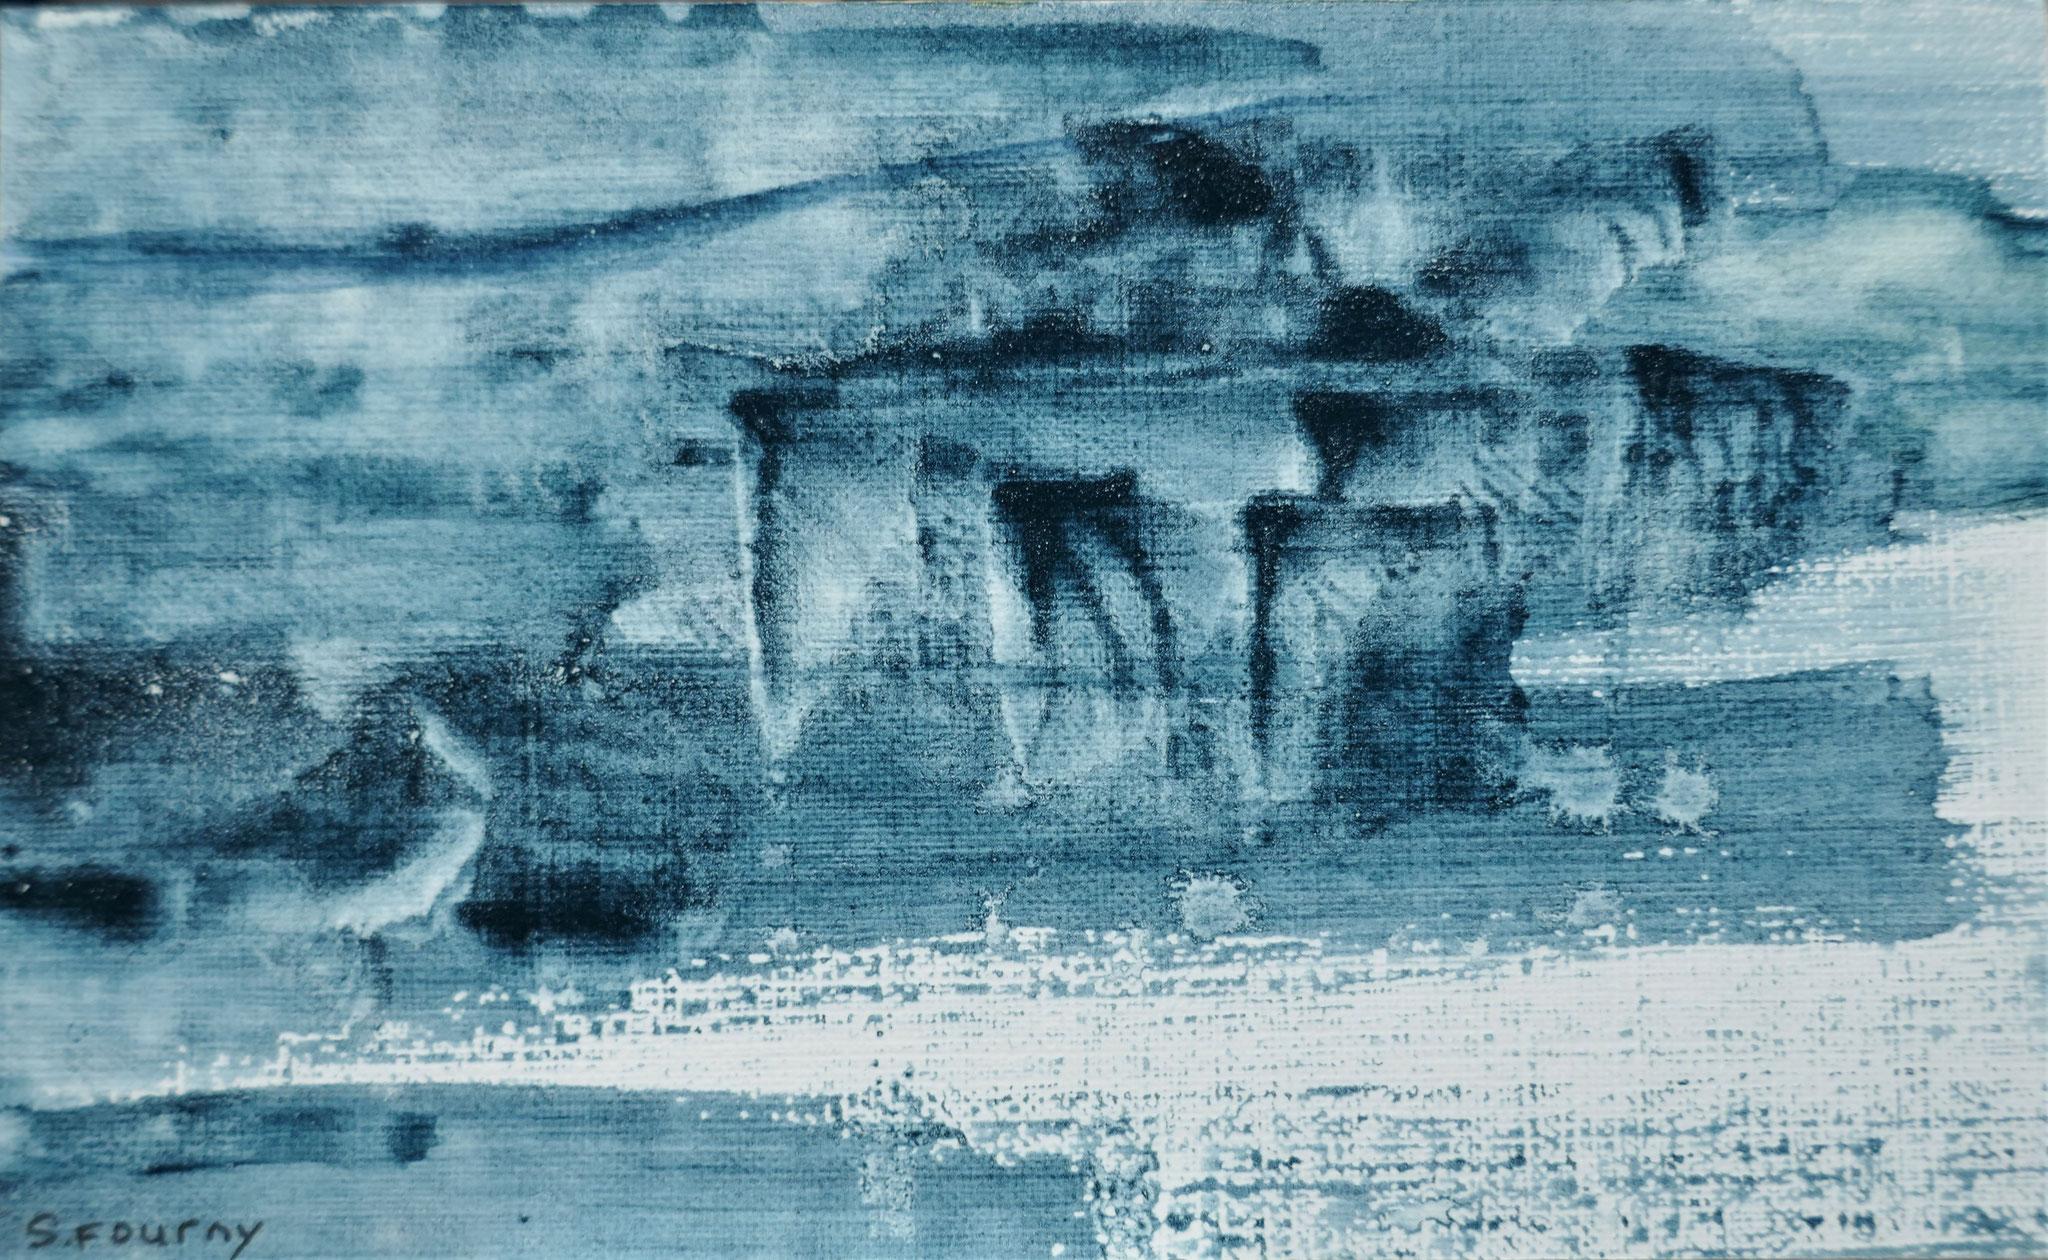 N°45 : 10,5 X 17,5 cm : pigments aquarellés sur papier